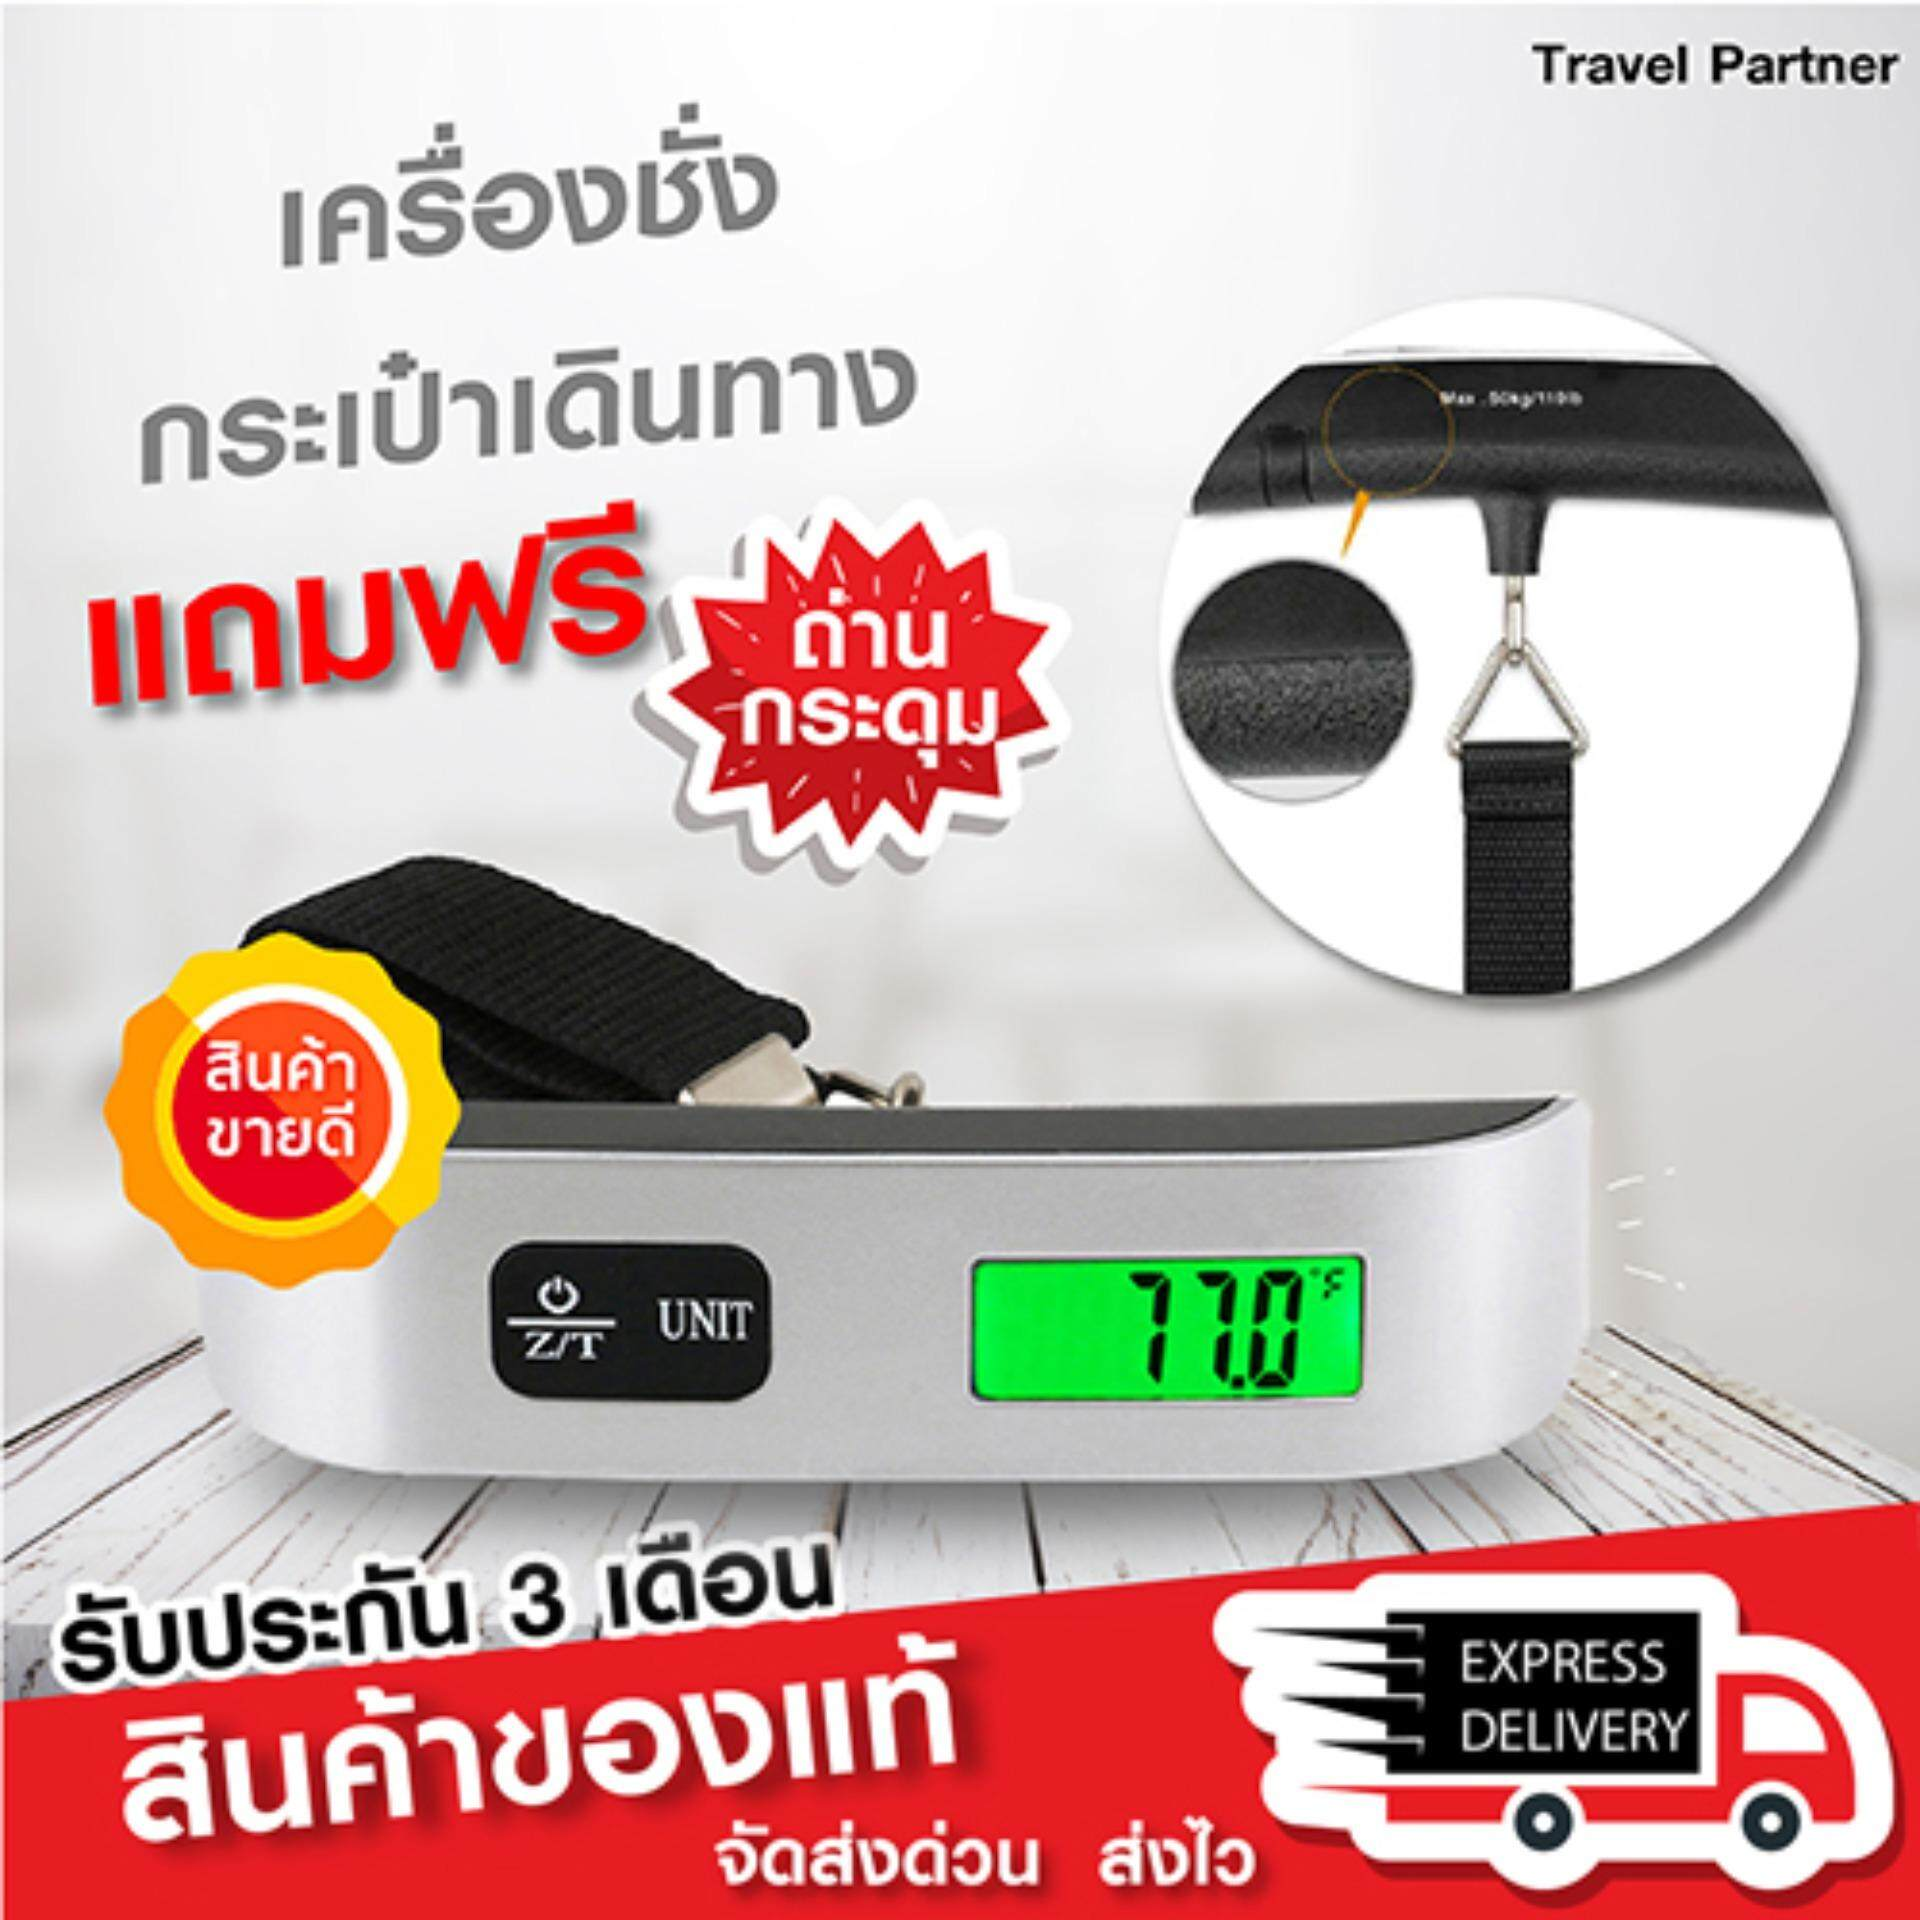 ส่งไว ส่งฟรี !! แถมถ่านฟรี !! Travel Partner**ถูกมาก** เครื่องชั่งน้ำหนักมือถือของแท้ !! รับประกัน 3 เดือน ตาชั่งพกพา ตาชั่ง กระเป๋า กระเป๋าเดินทาง เครื่องชั่งกระเป๋าเดินทาง 50kg/10g  ** มีแสงไฟสีเขียว **.